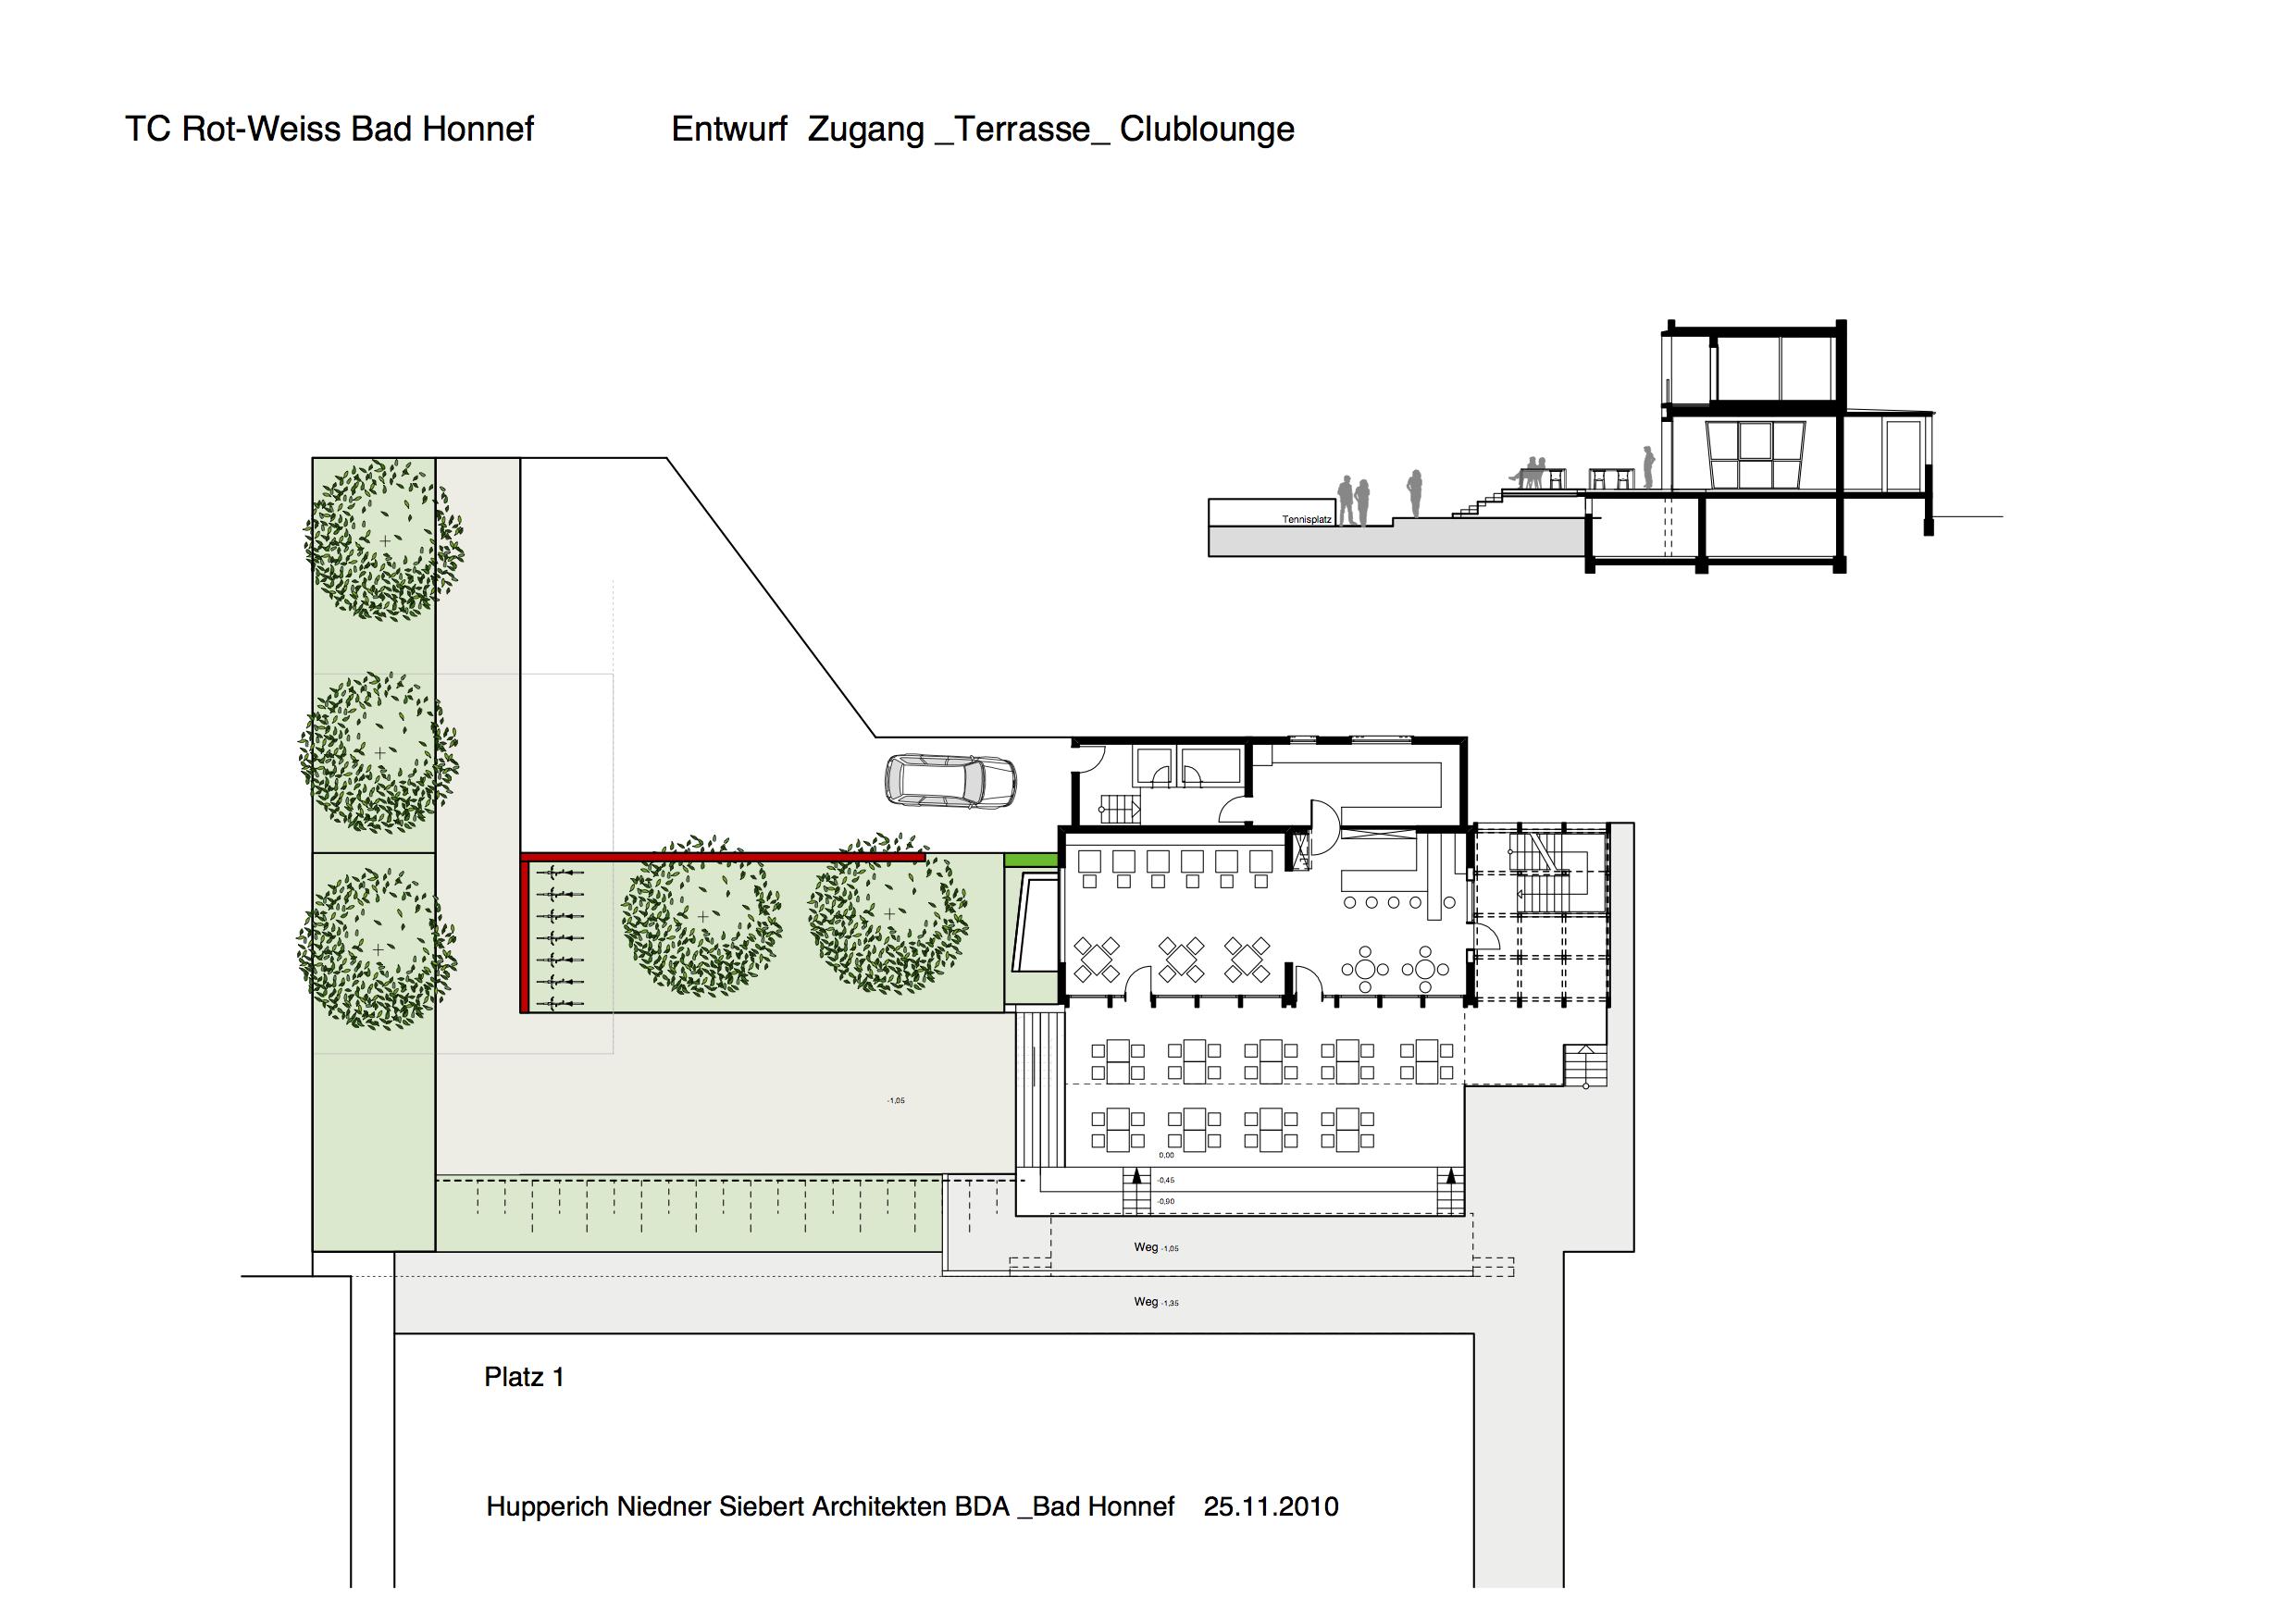 Architekt Bad Honnef hupperich niedner siebert architekten bad honnef